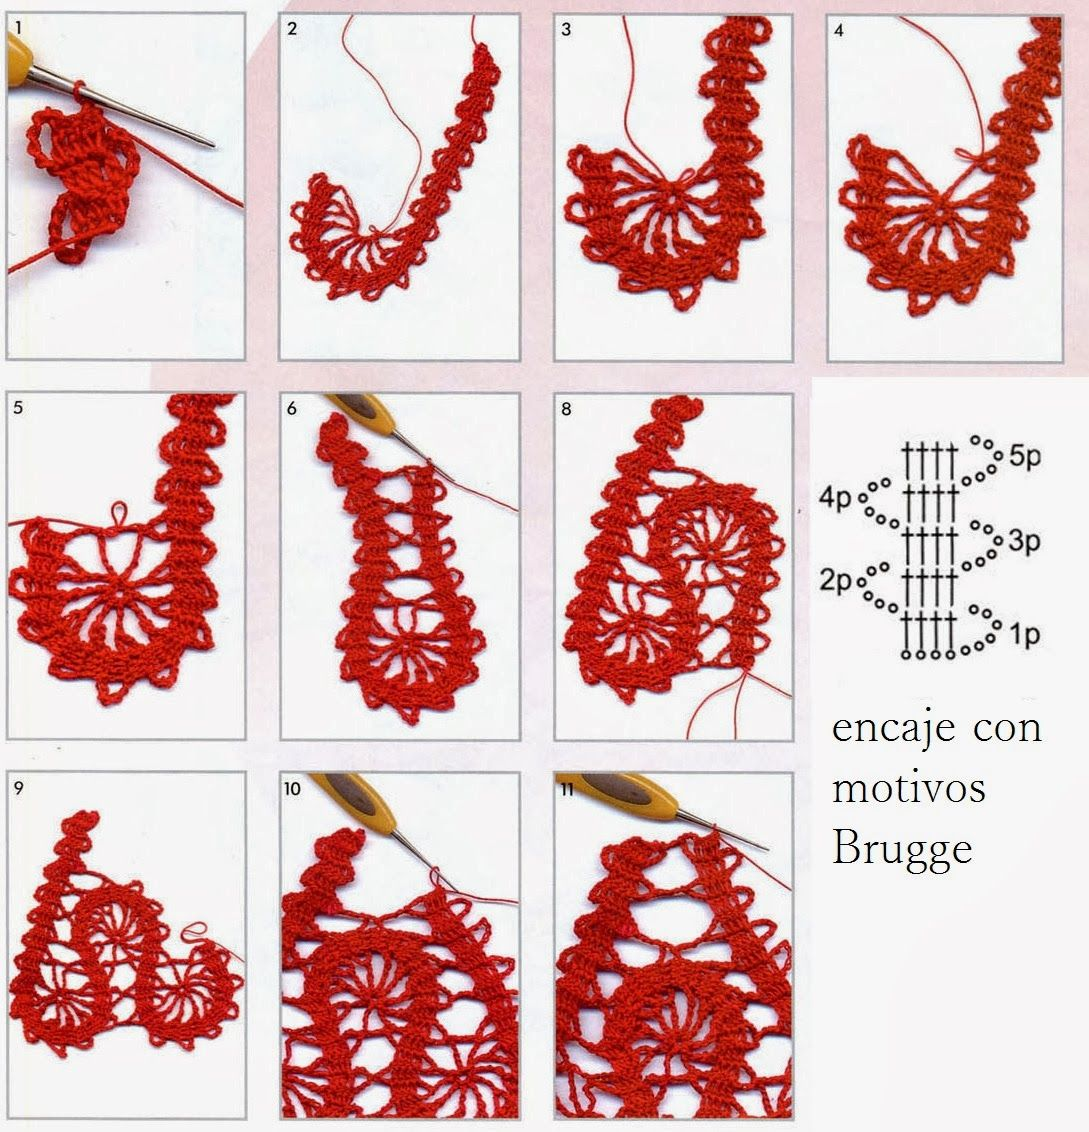 Patrones Crochet: Punto Crochet Encaje con Motivos Brugge | blusas ...